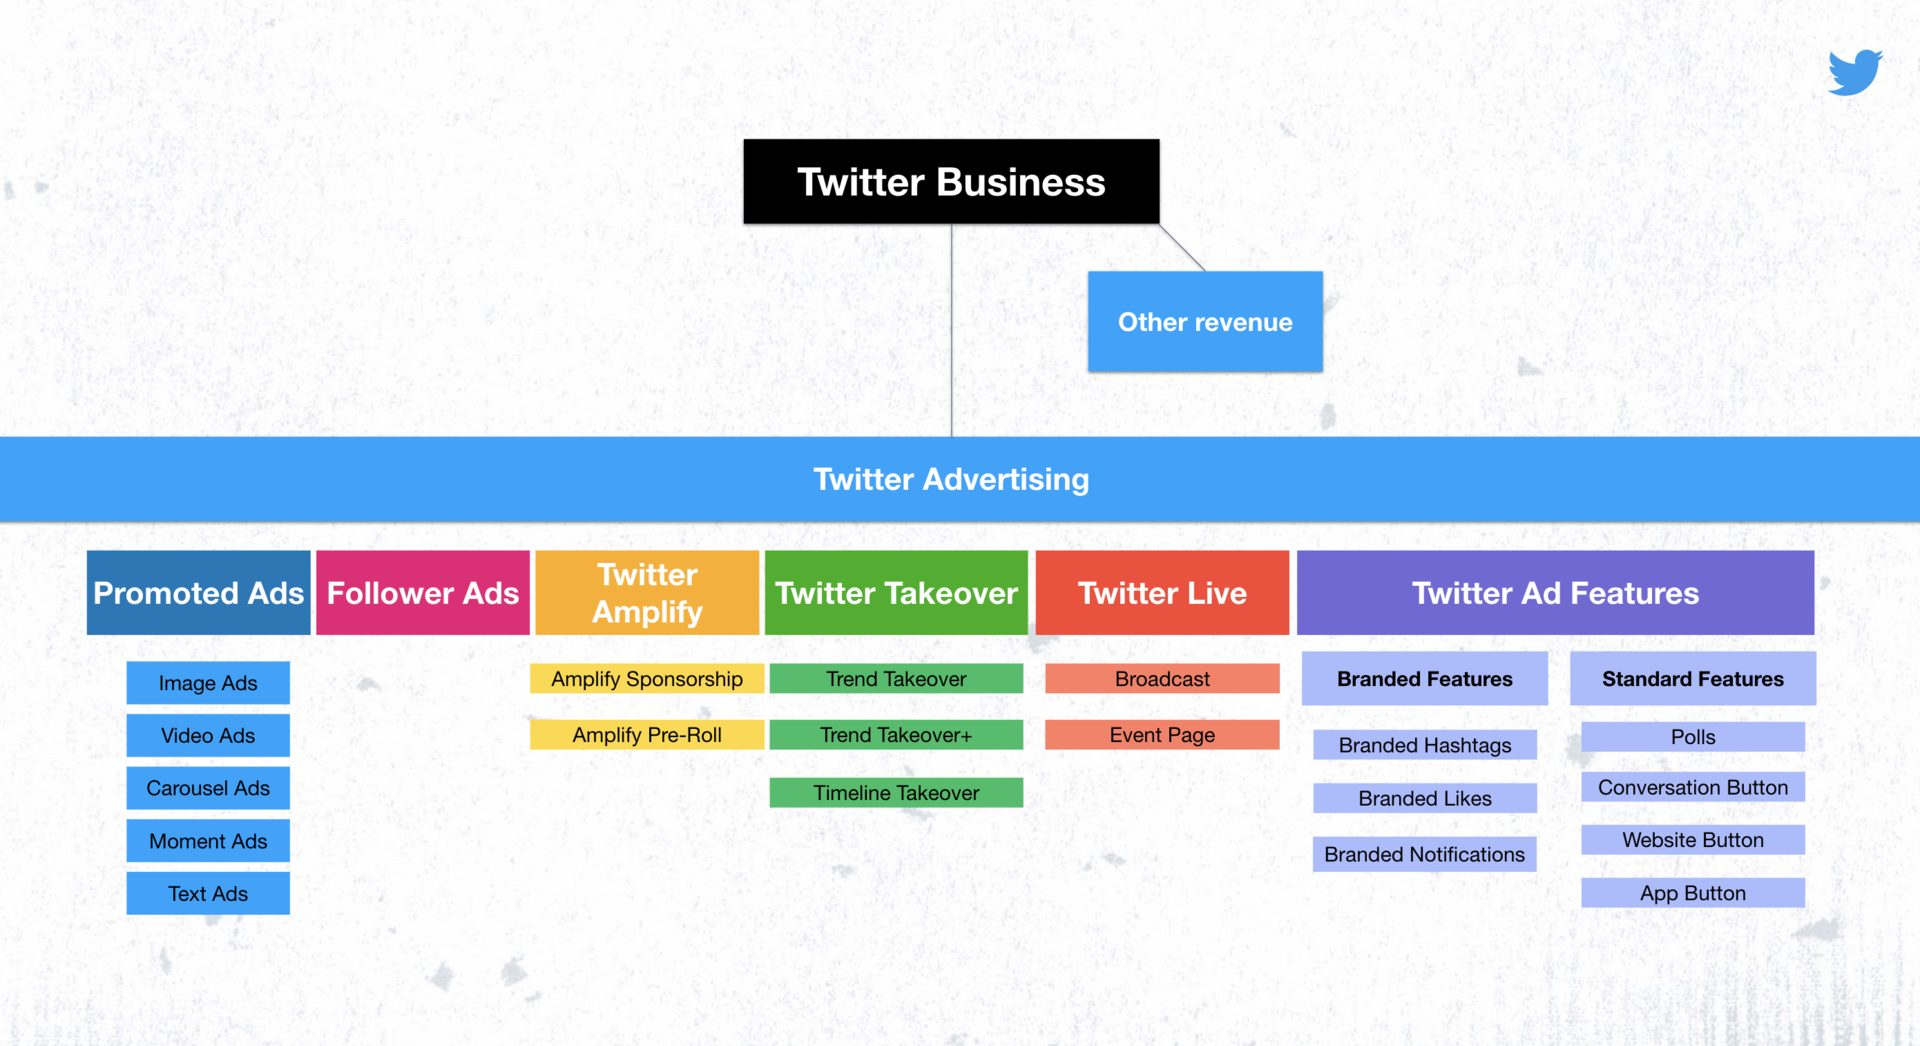 نمودار دسته های جدید تبلیغات در توییتر